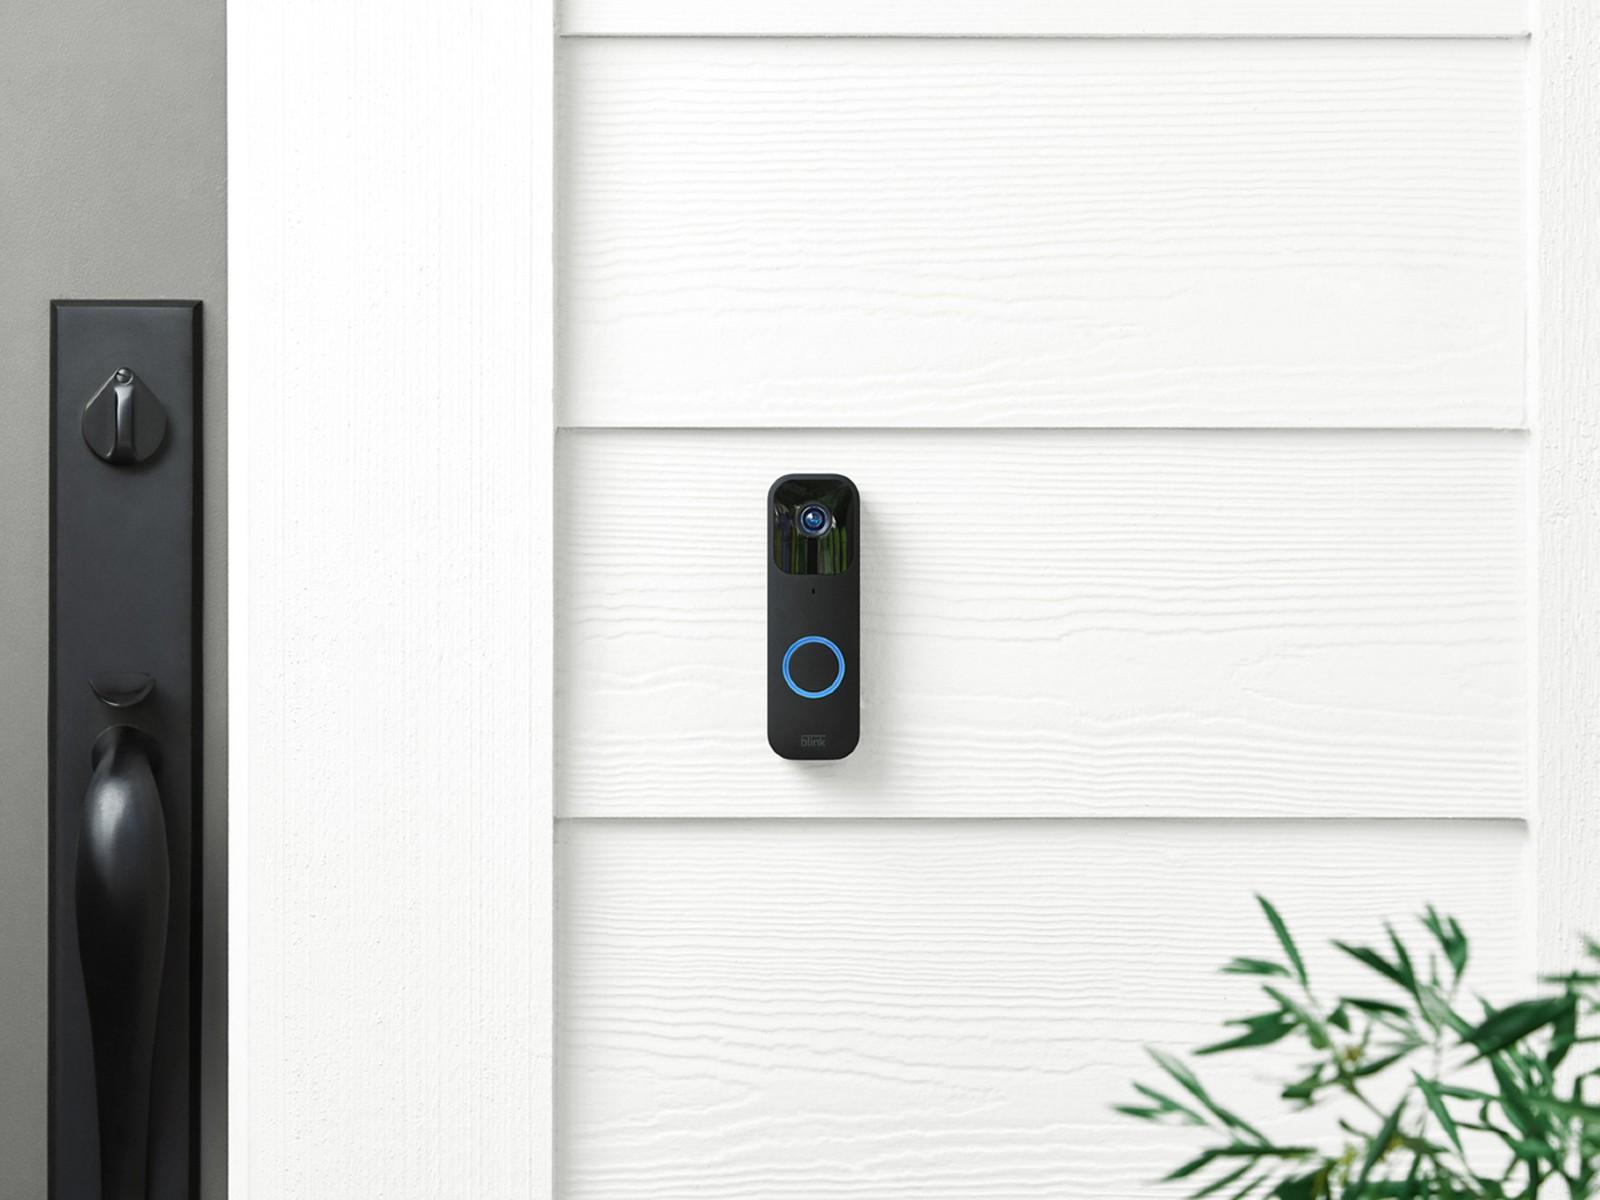 Blink Doorbell